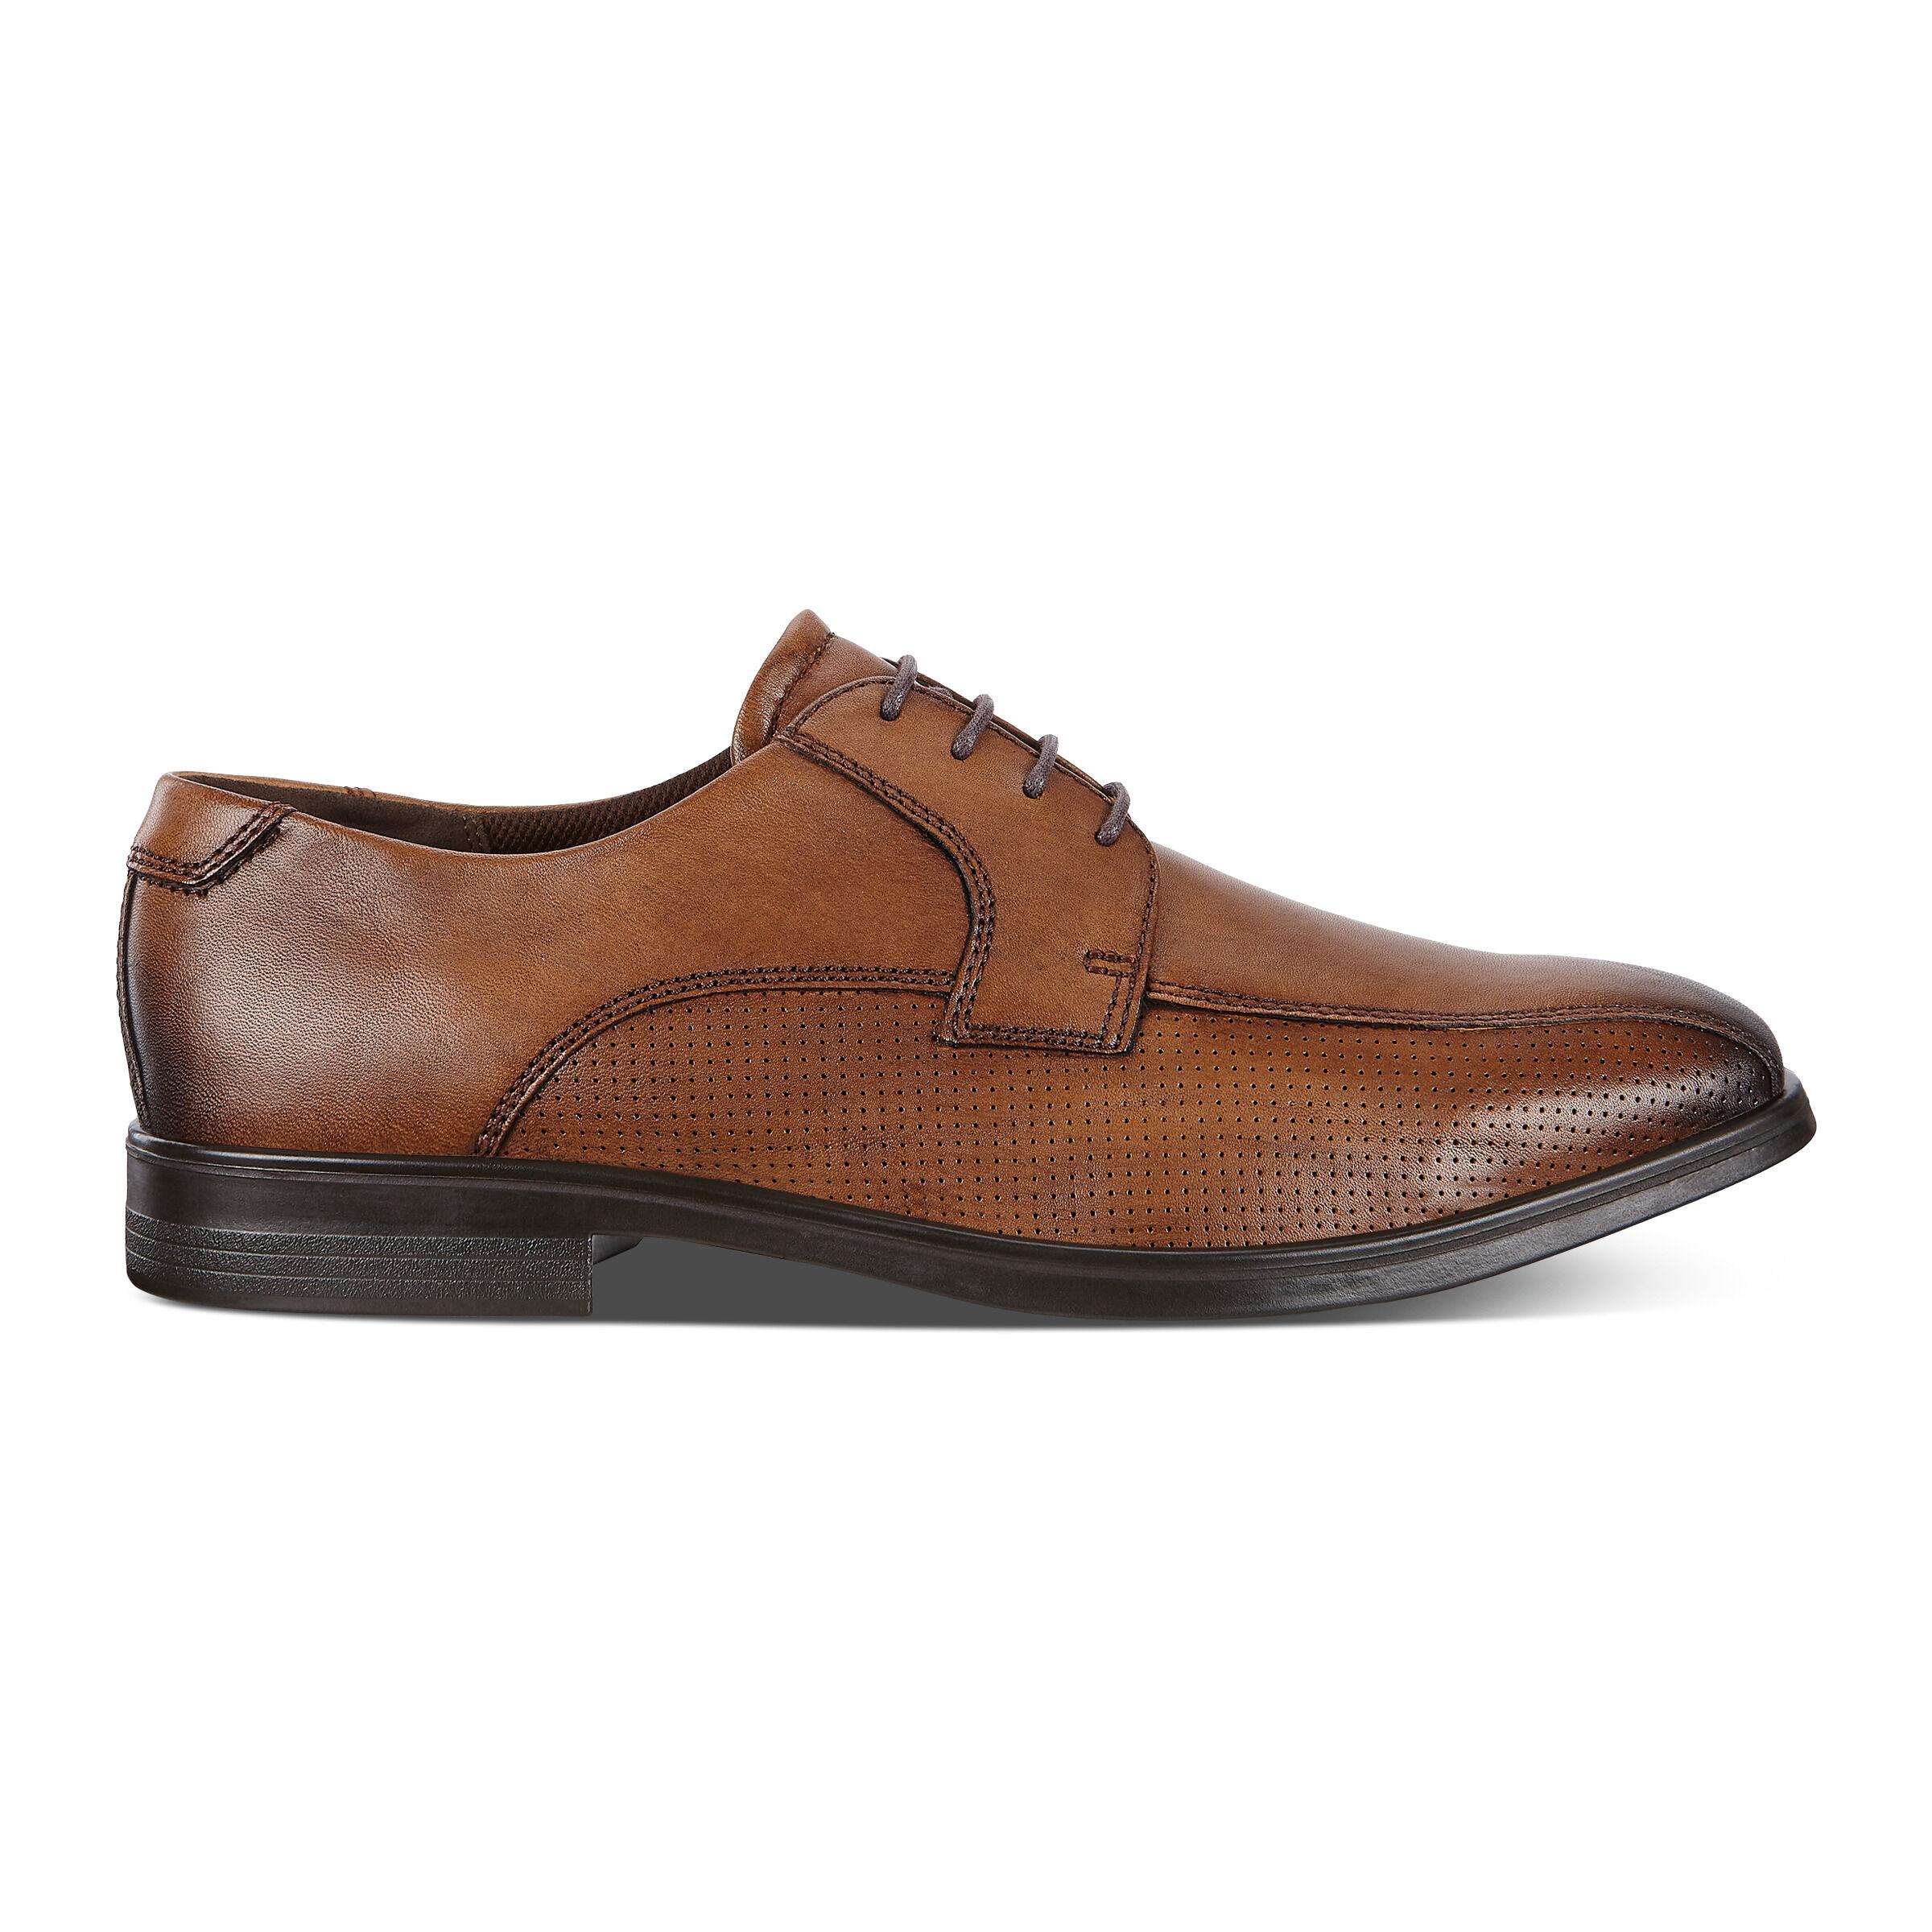 에코 맨 멜버른 슈즈 ECCO MELBOURNE Shoe,amber